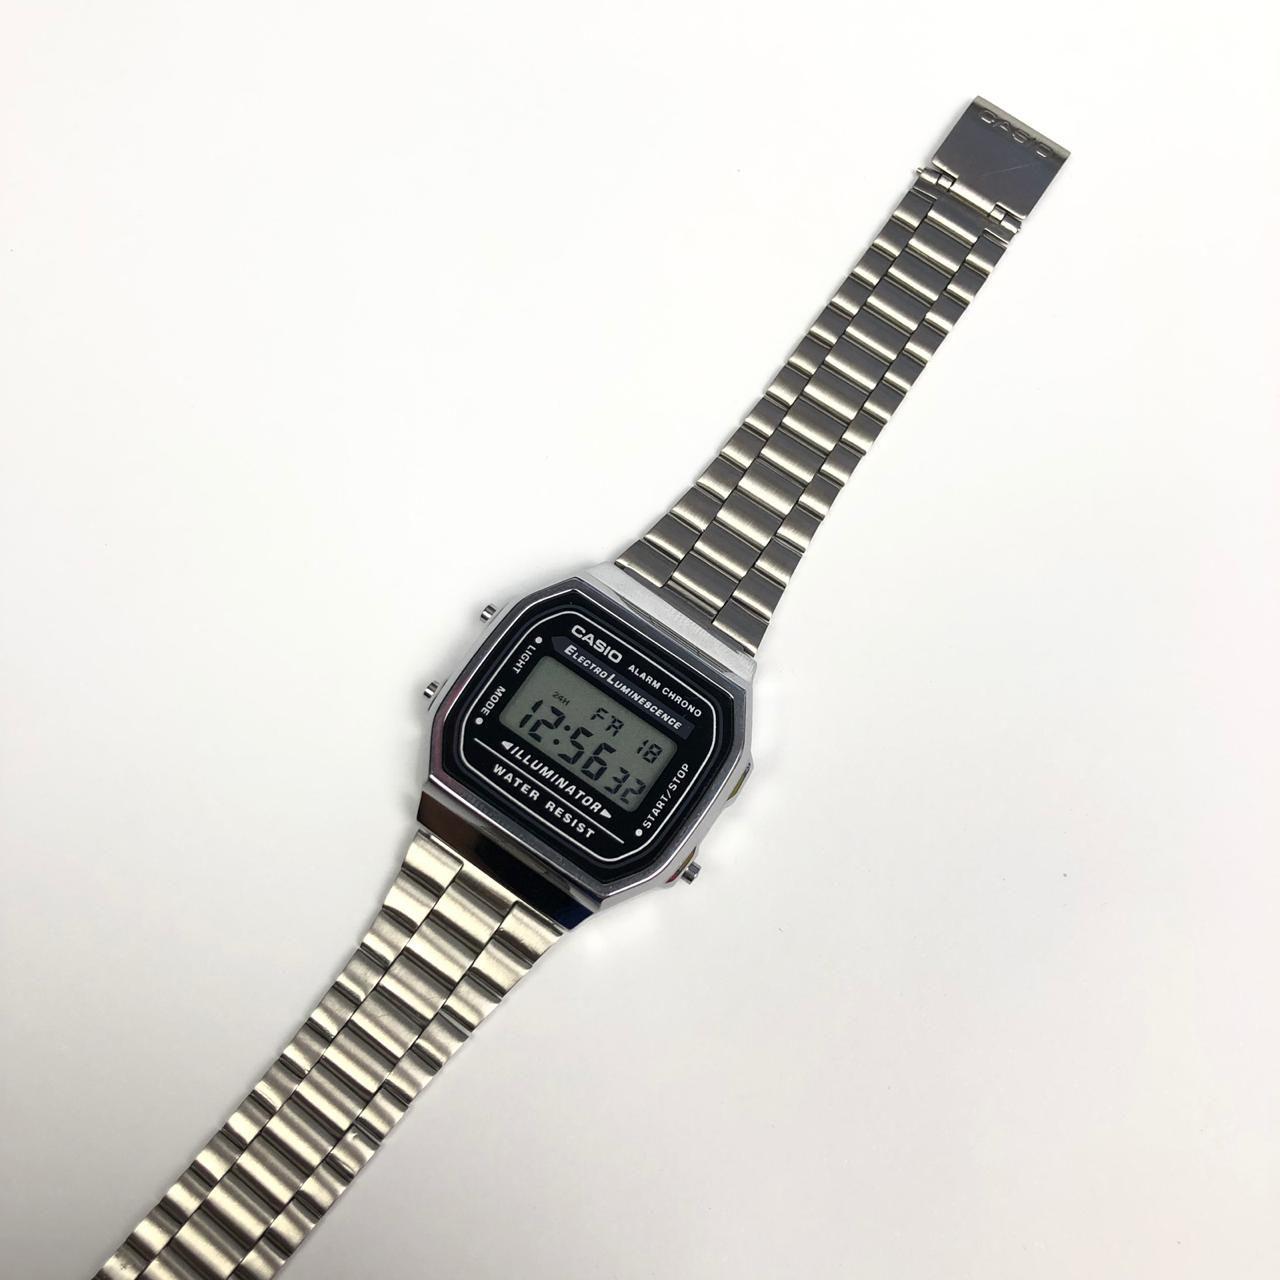 d955ff0fca3 Relógio Unissex Vintage Retrô Prata Primeira Linha - LED AZUL ...